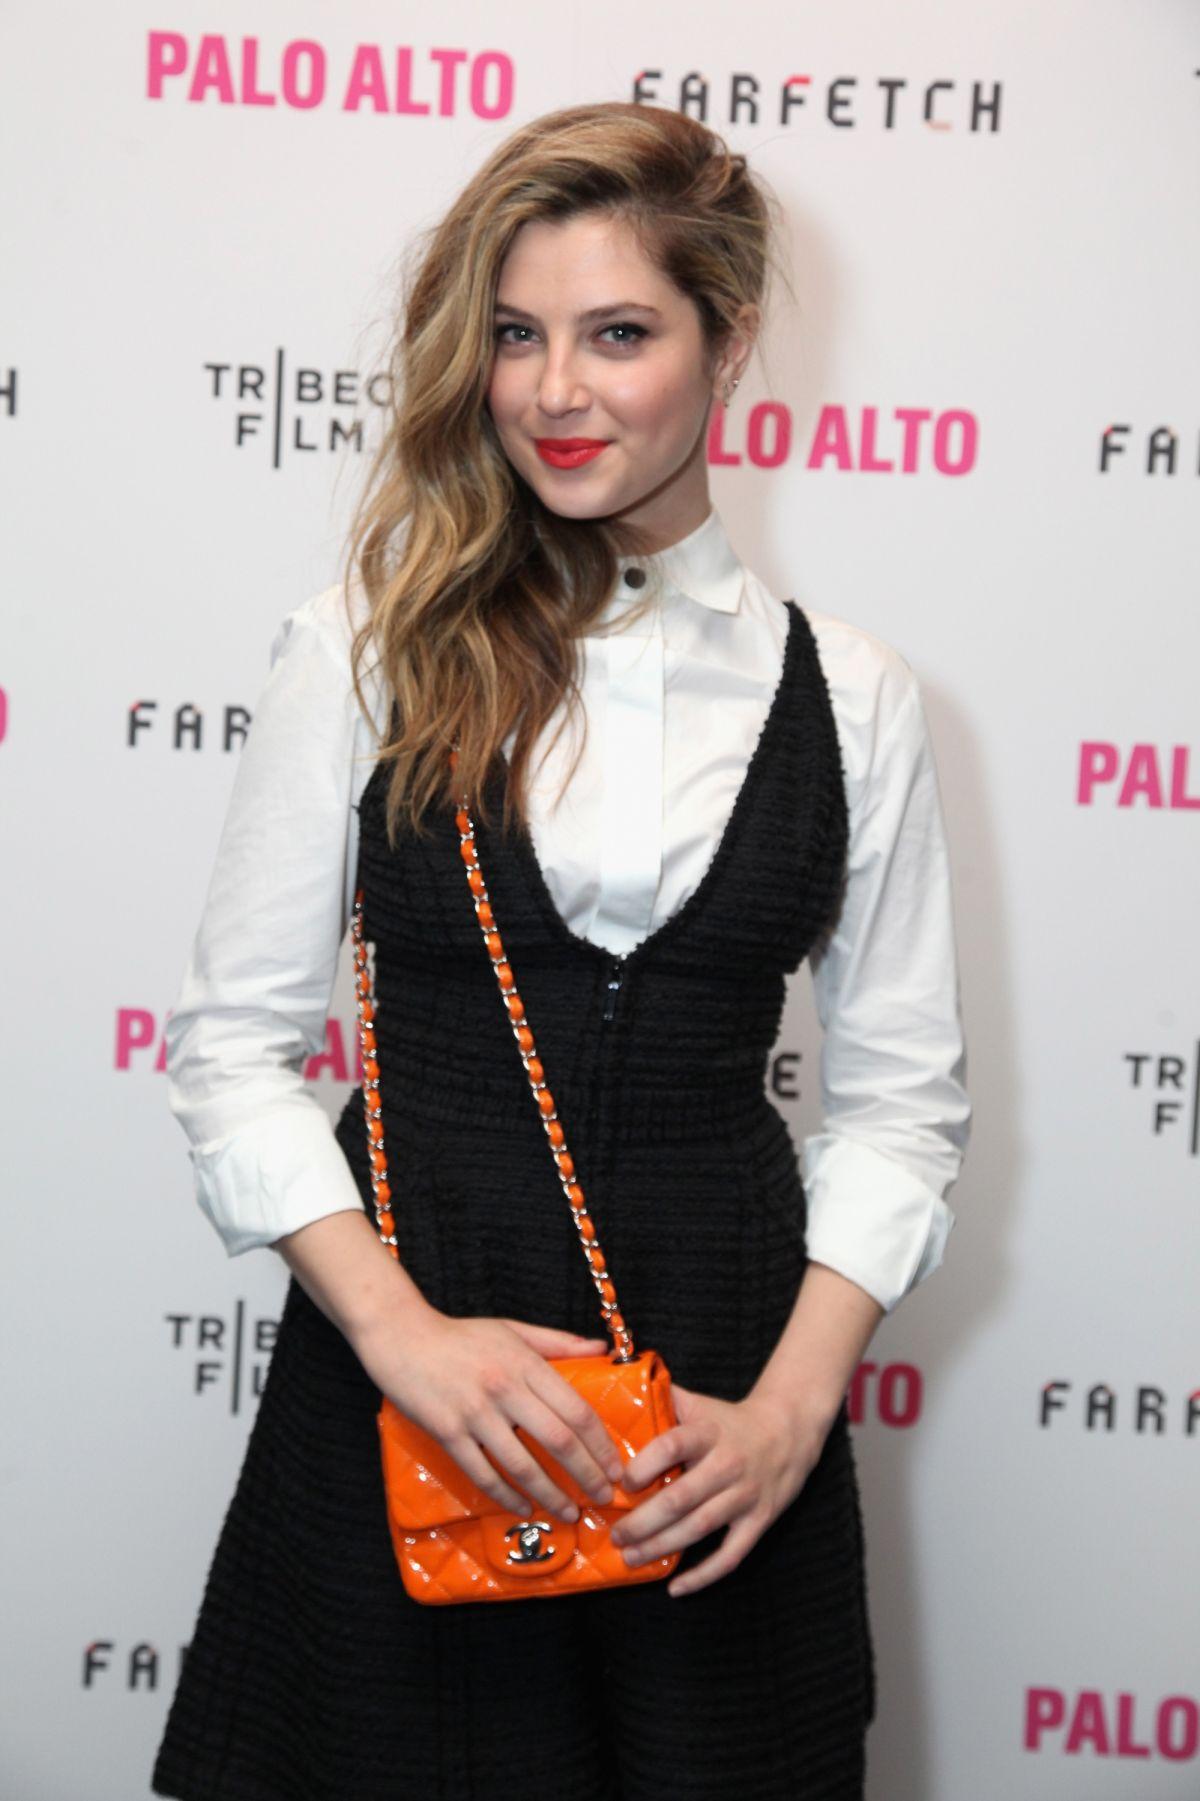 ZOE LEVIN at Palo Alto Premiere at Tribeca Film Festival